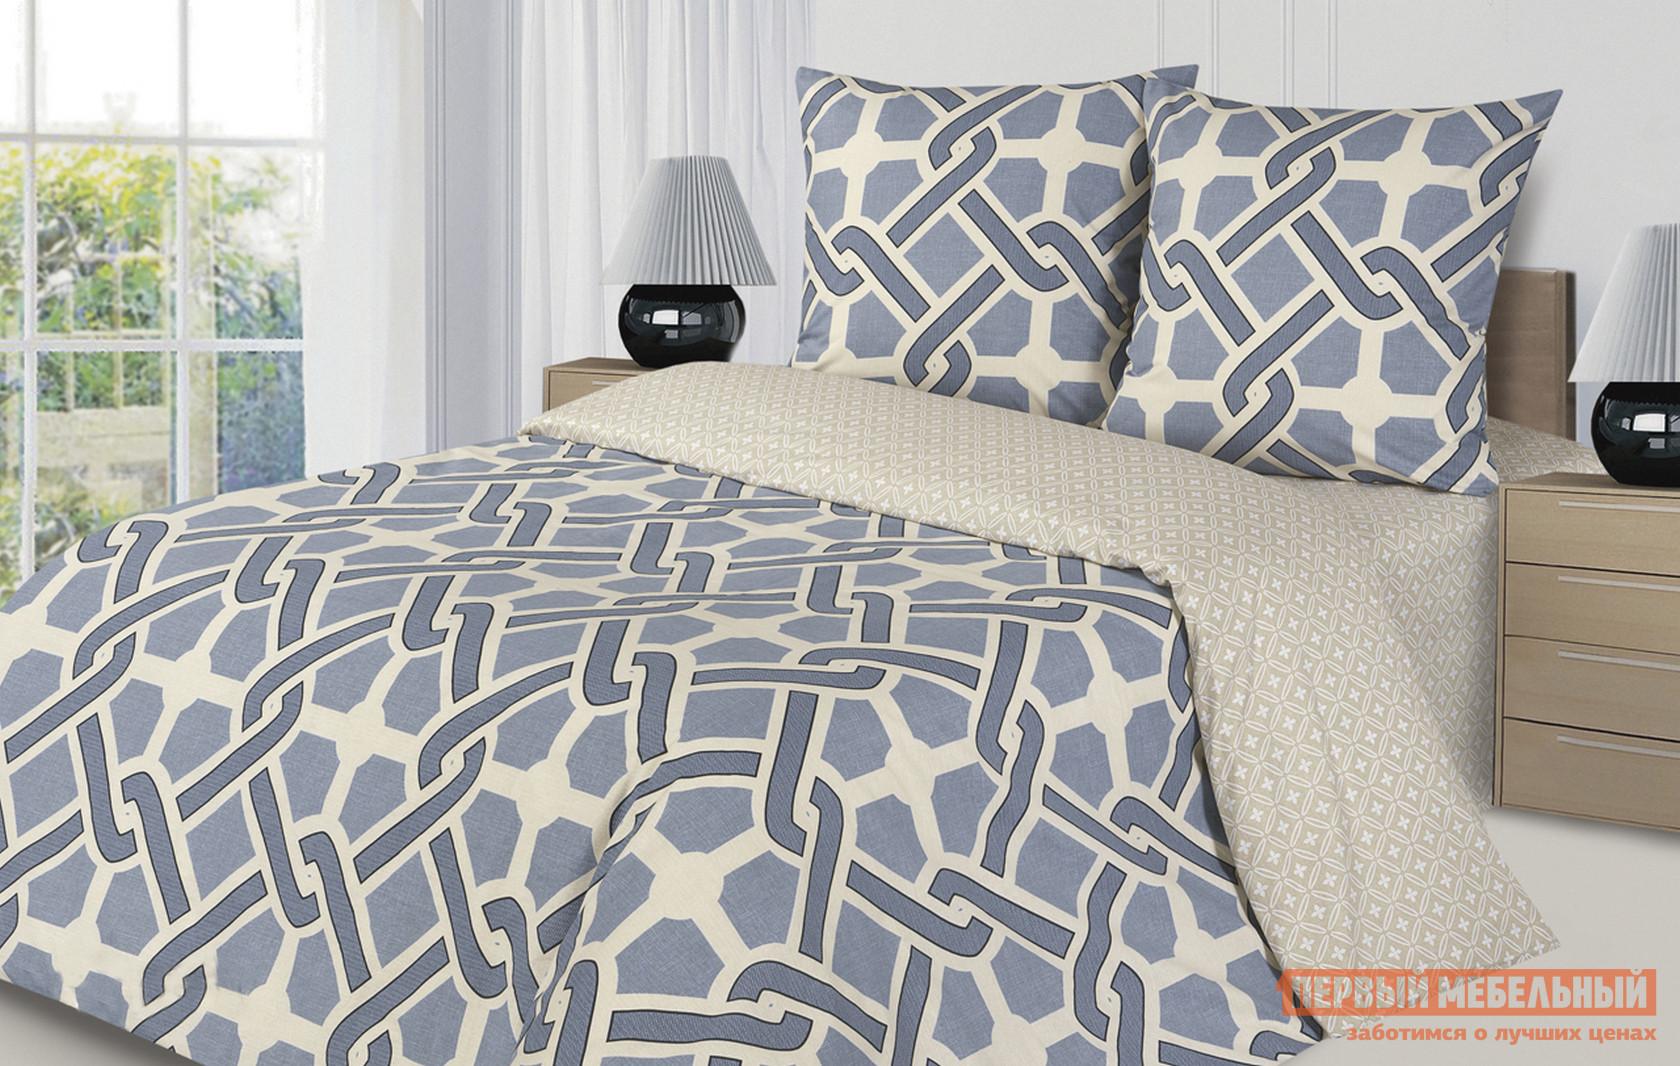 Комплект постельного белья Первый Мебельный КПБ Мальта